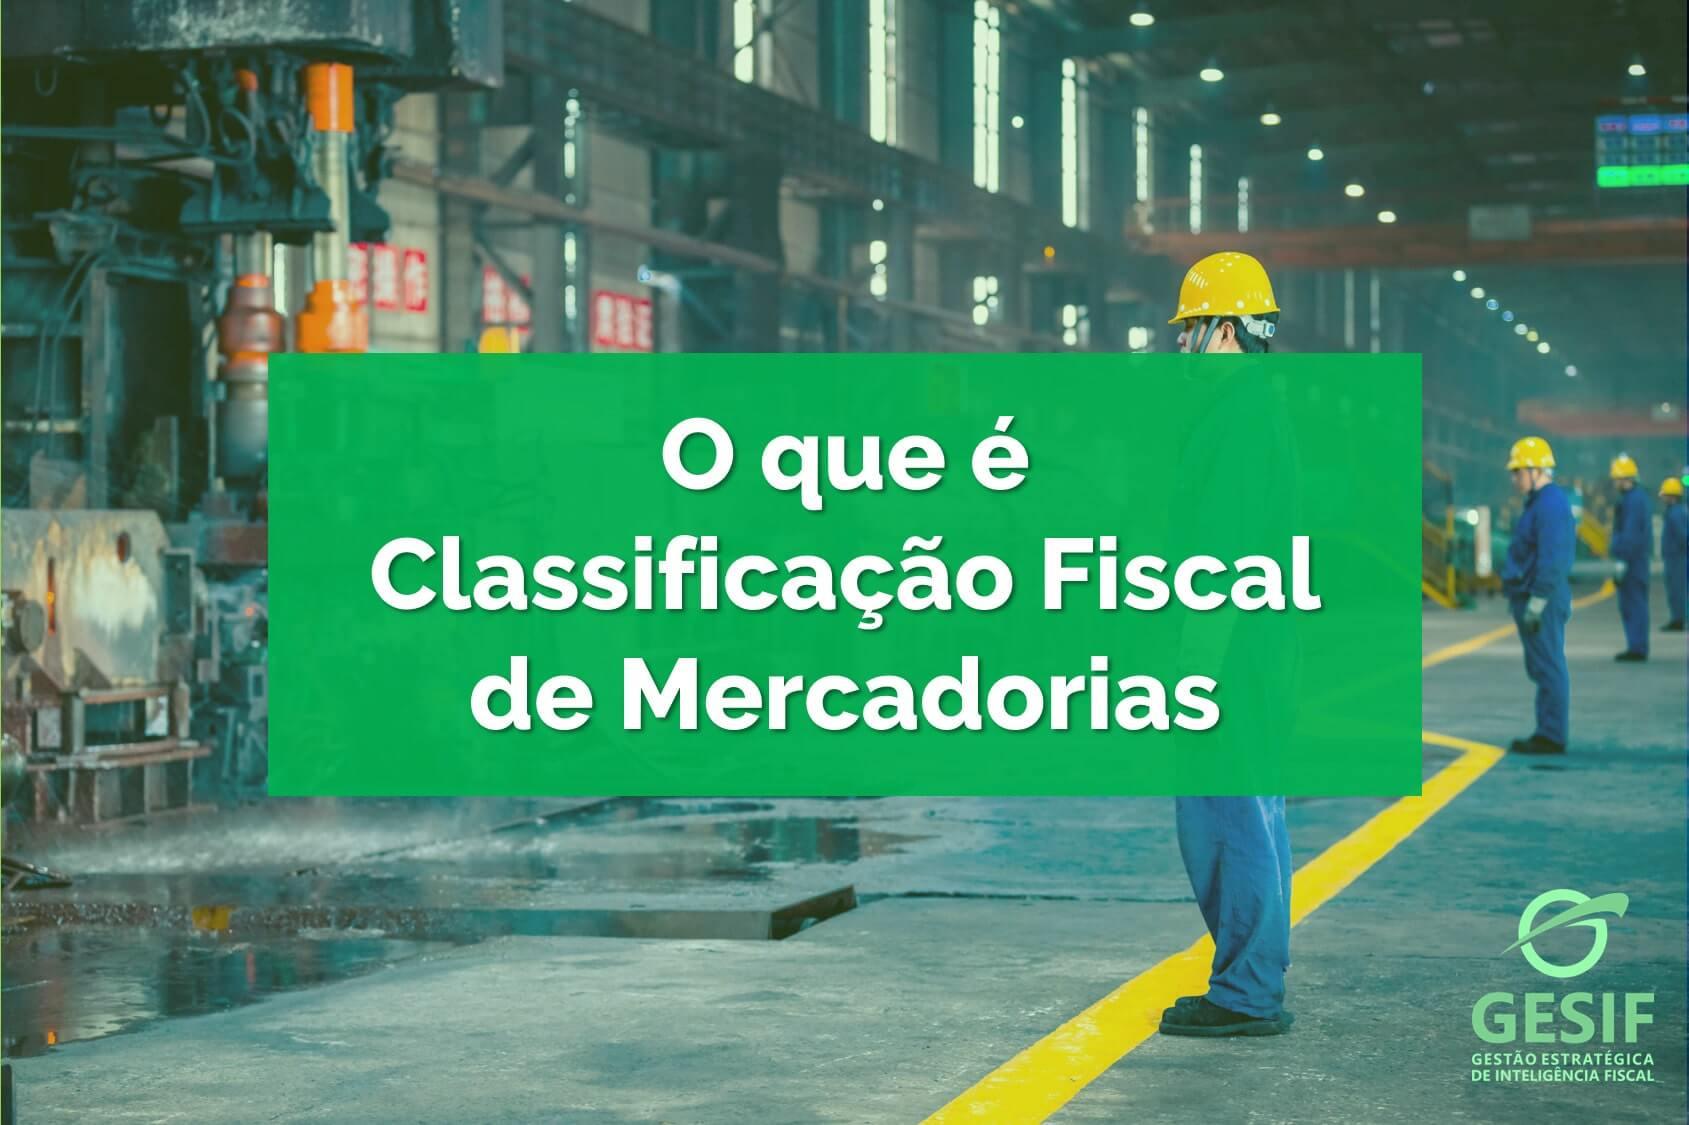 O-que-é-Classificação-Fiscal-de-Mercadorias-e-como-realizar-da-forma-correta-na-sua-empresa